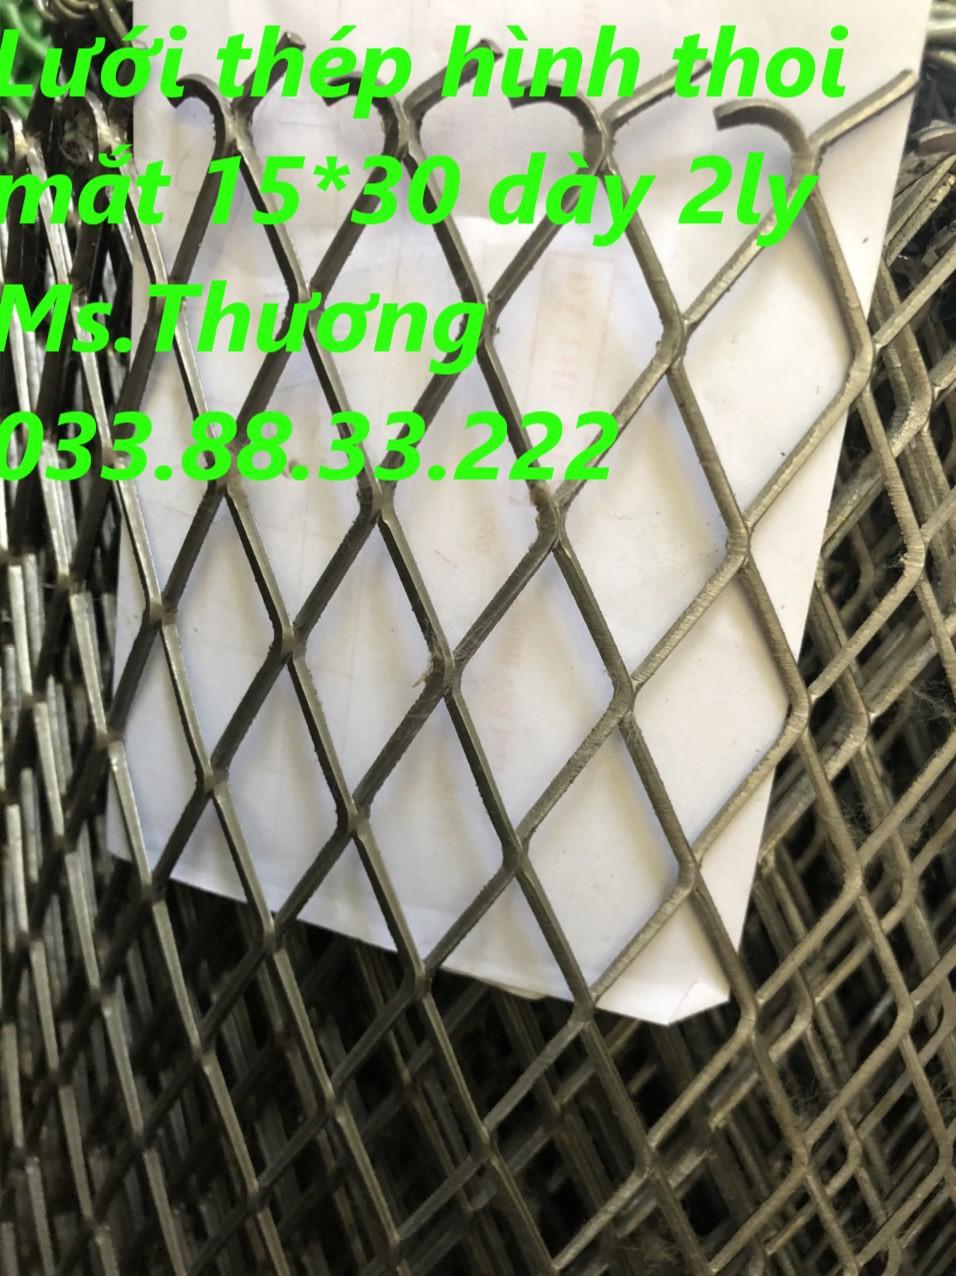 Lưới hình thoi A15x30mm dây 1.5 ly khổ 1m